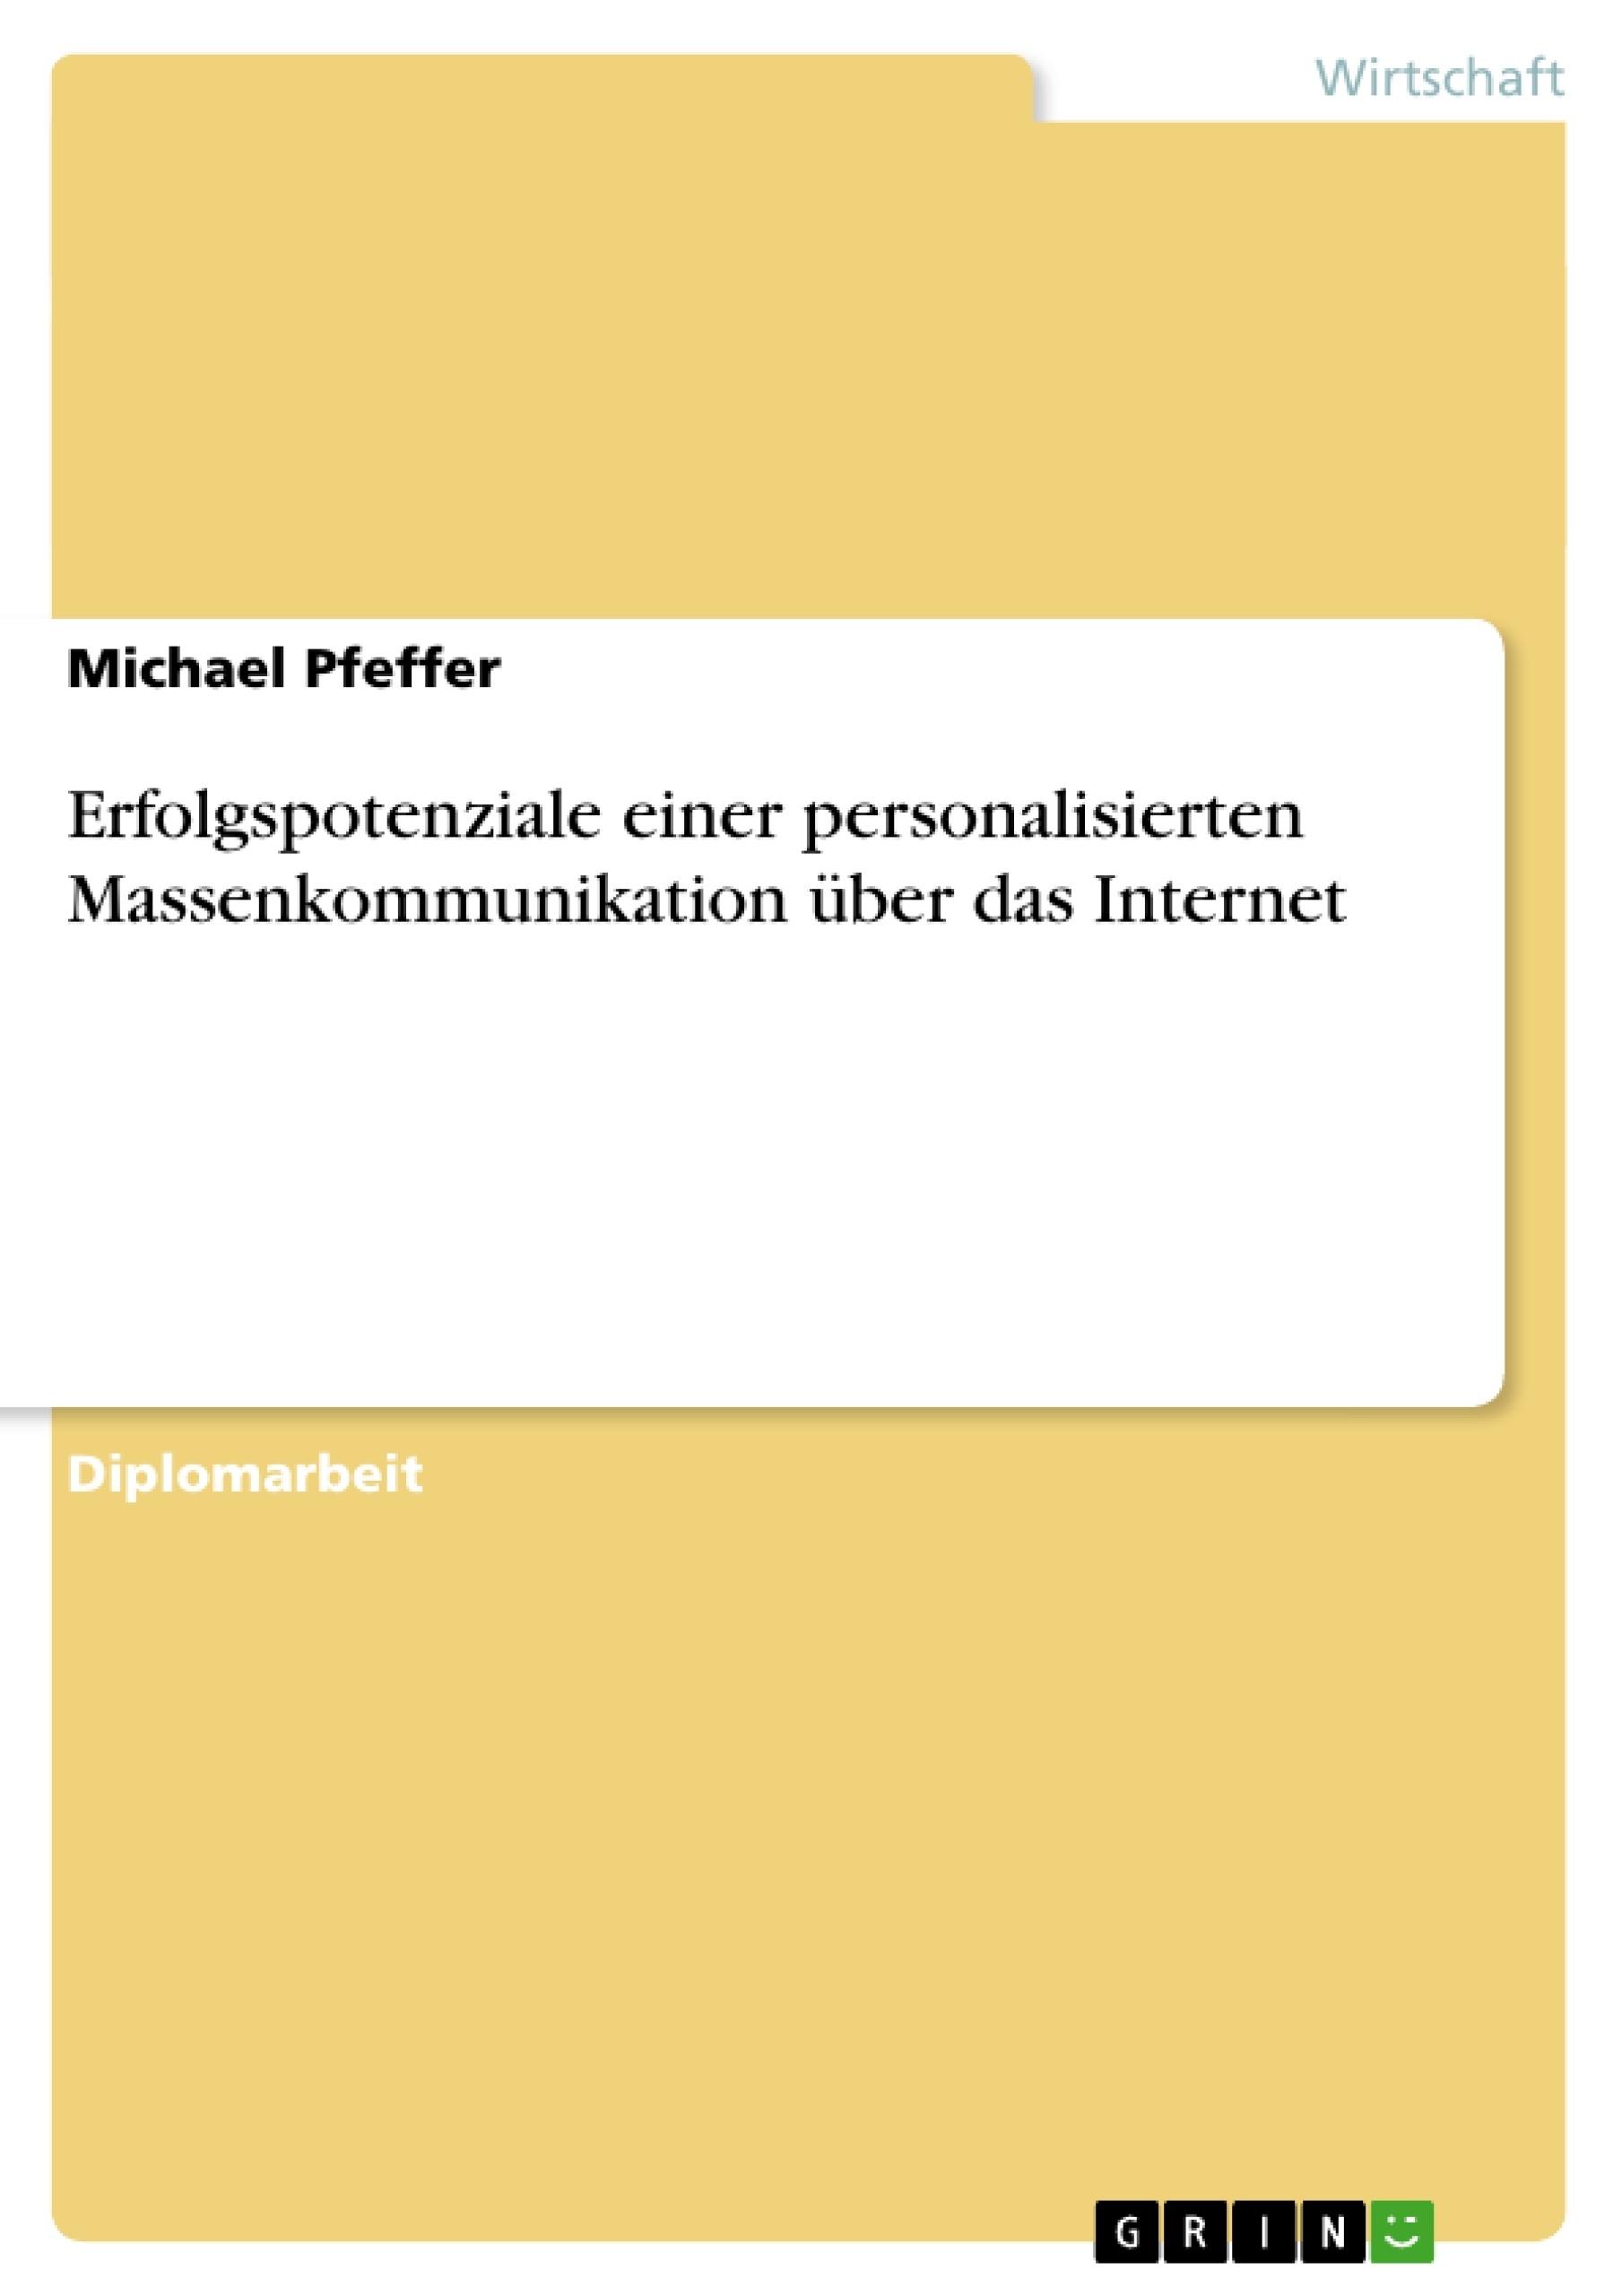 Titel: Erfolgspotenziale einer personalisierten Massenkommunikation über das Internet